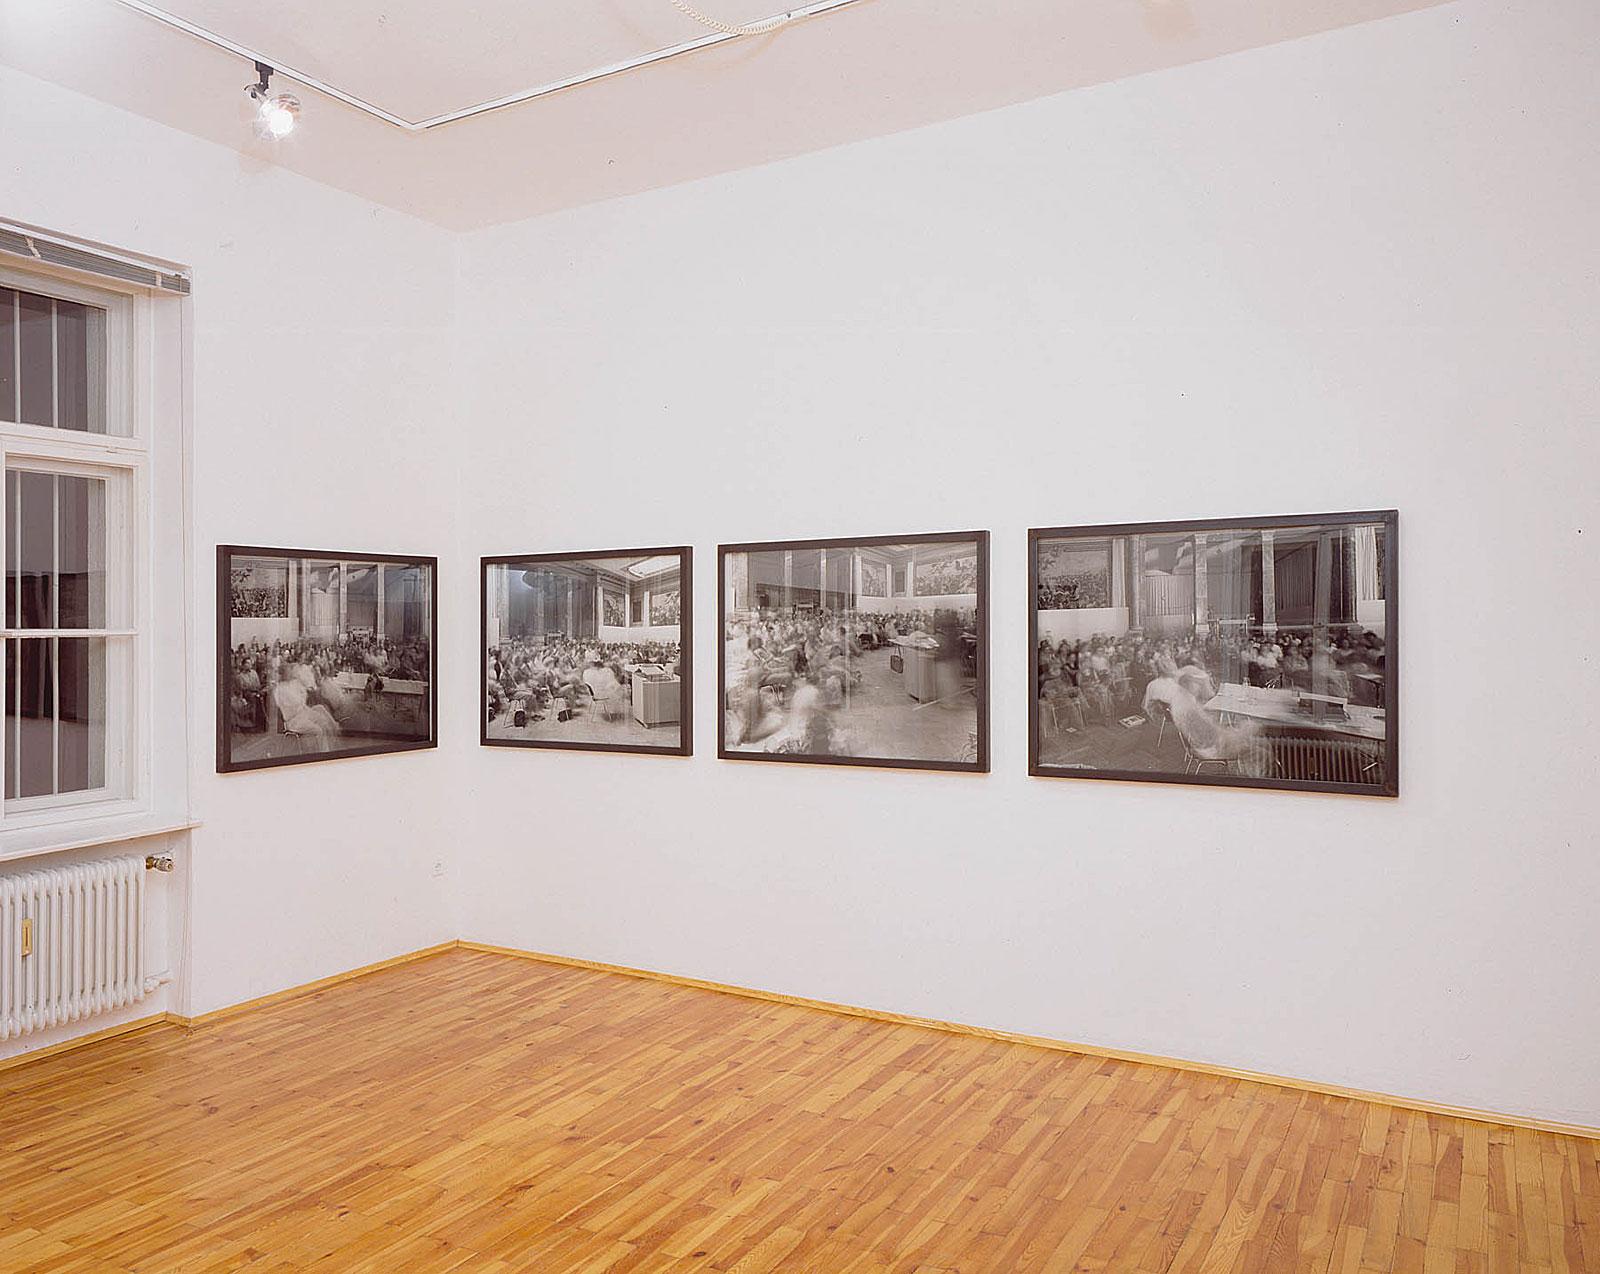 Handarbeit, Galerie Binder & Rid, München